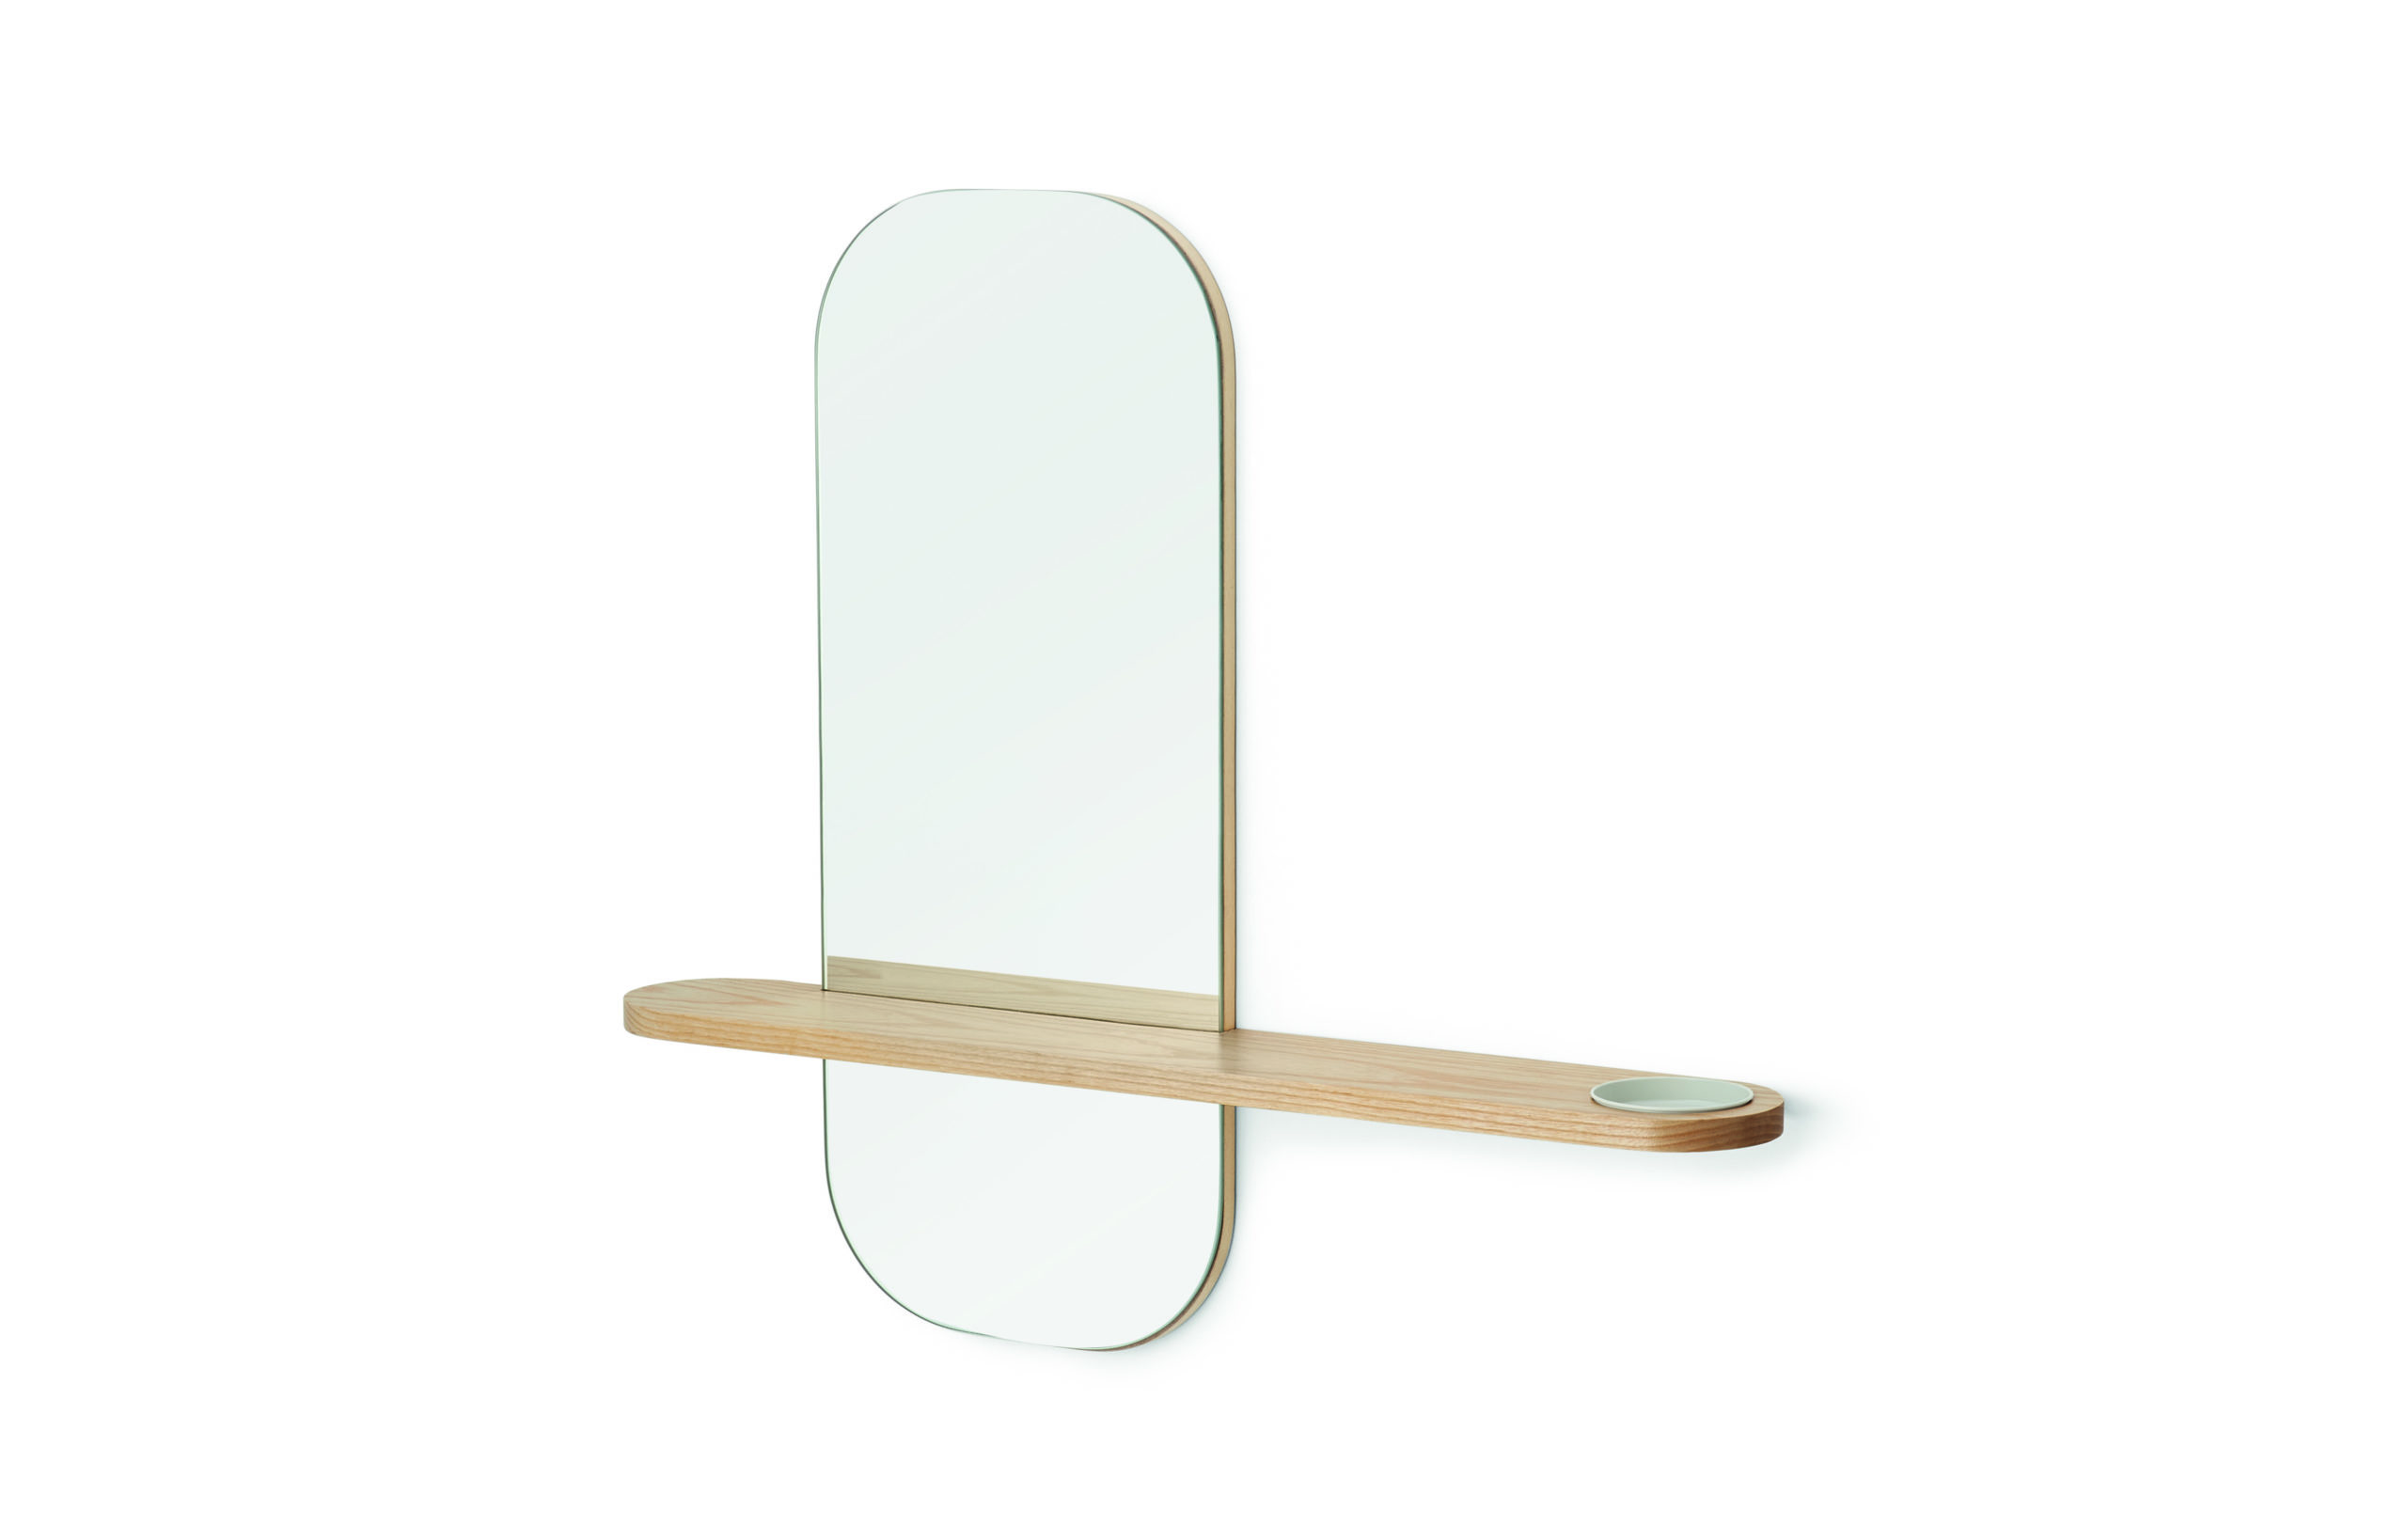 Wall mirror, £99, MADE.com